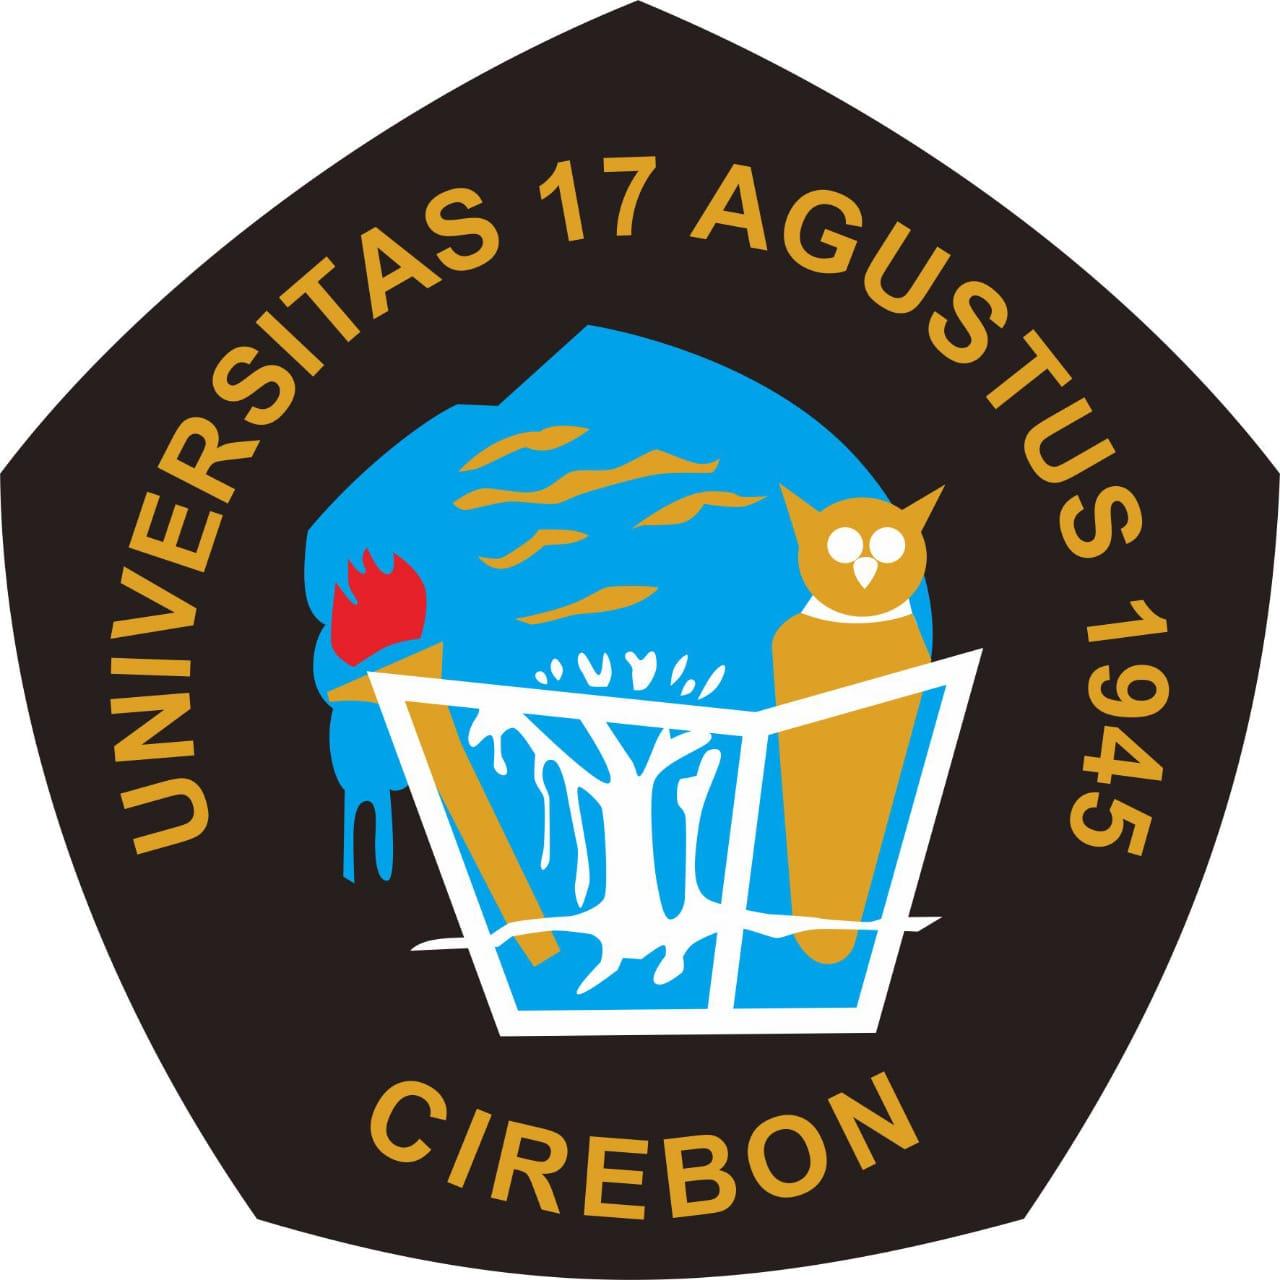 Logo Untag Cirebon (Universitas 17 Agustus 1945)